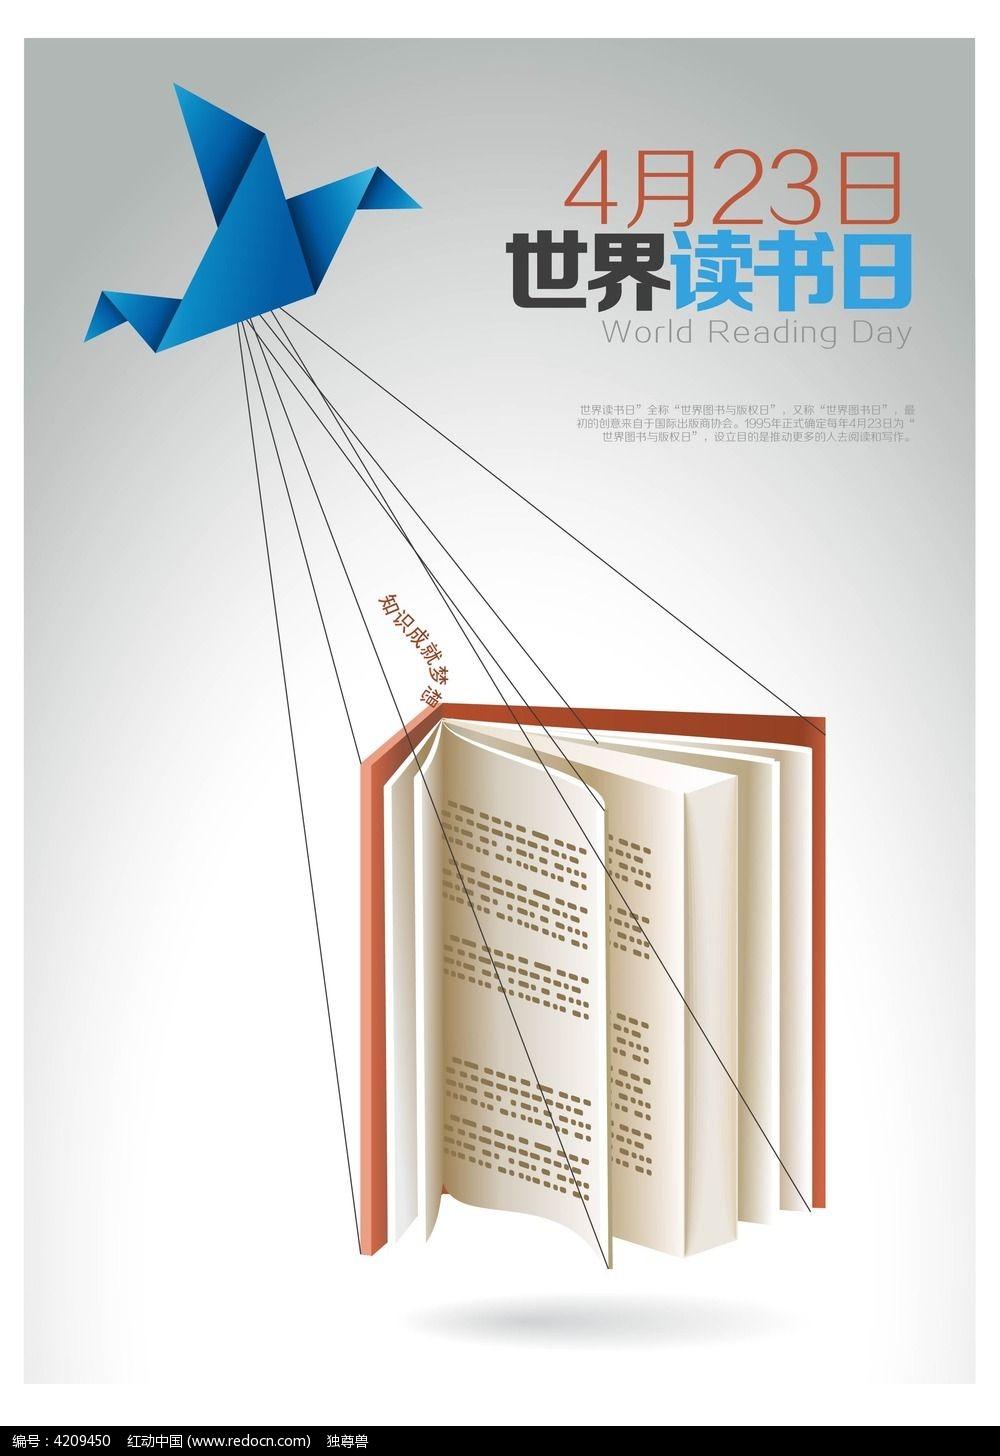 校园图书馆读书日psd宣传海报设计下载